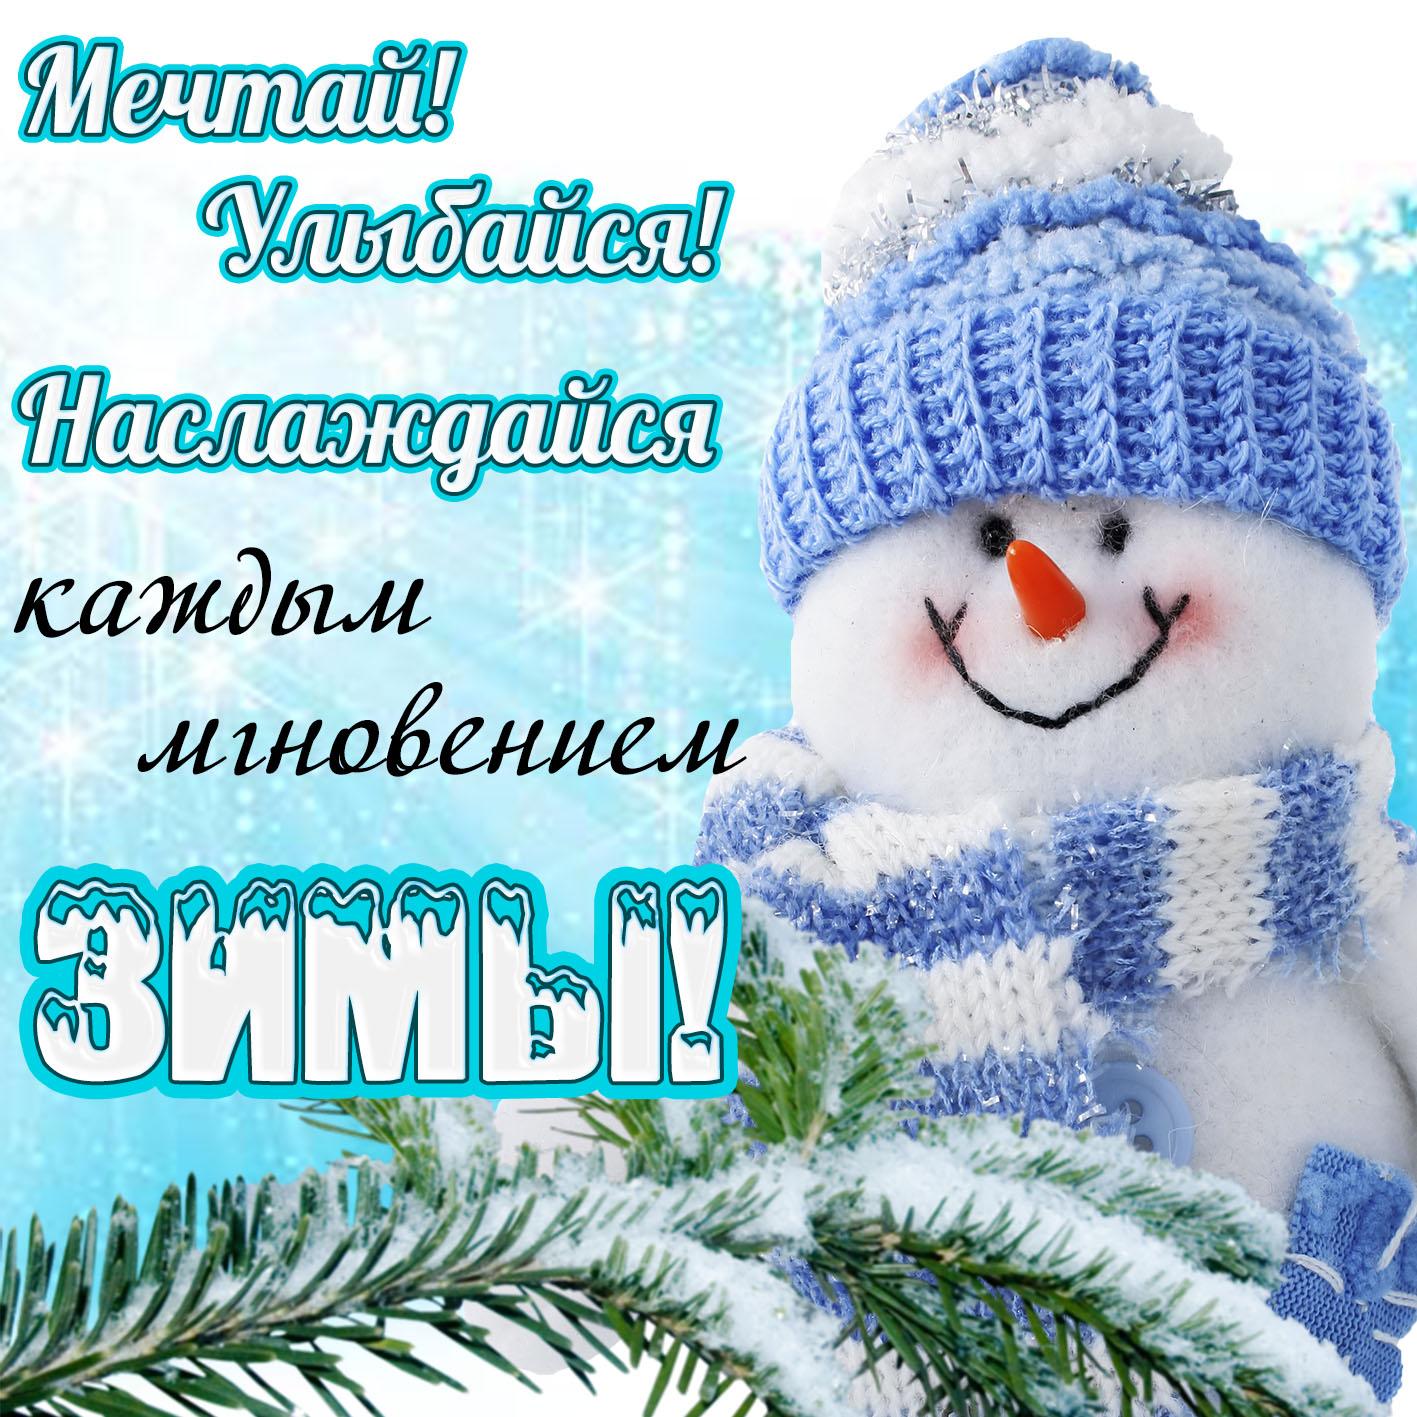 зимняя открытка хорошего настроения кожаные модели